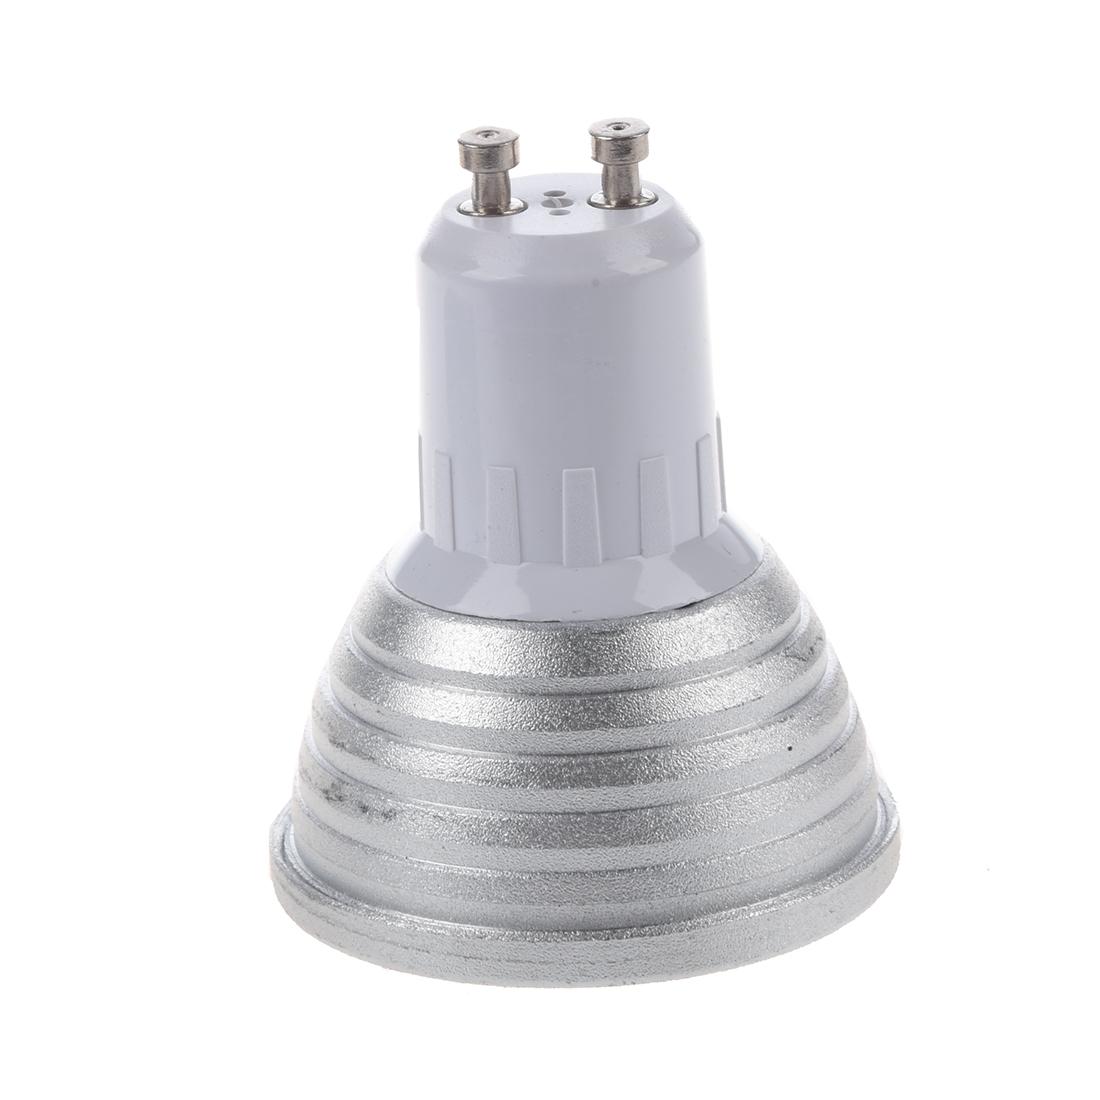 GU10 farbwechsel RGB LED Lampe Strahler, dimmbar inklusive Infrarot 24 Tasten -> Led Lampe Infrarot